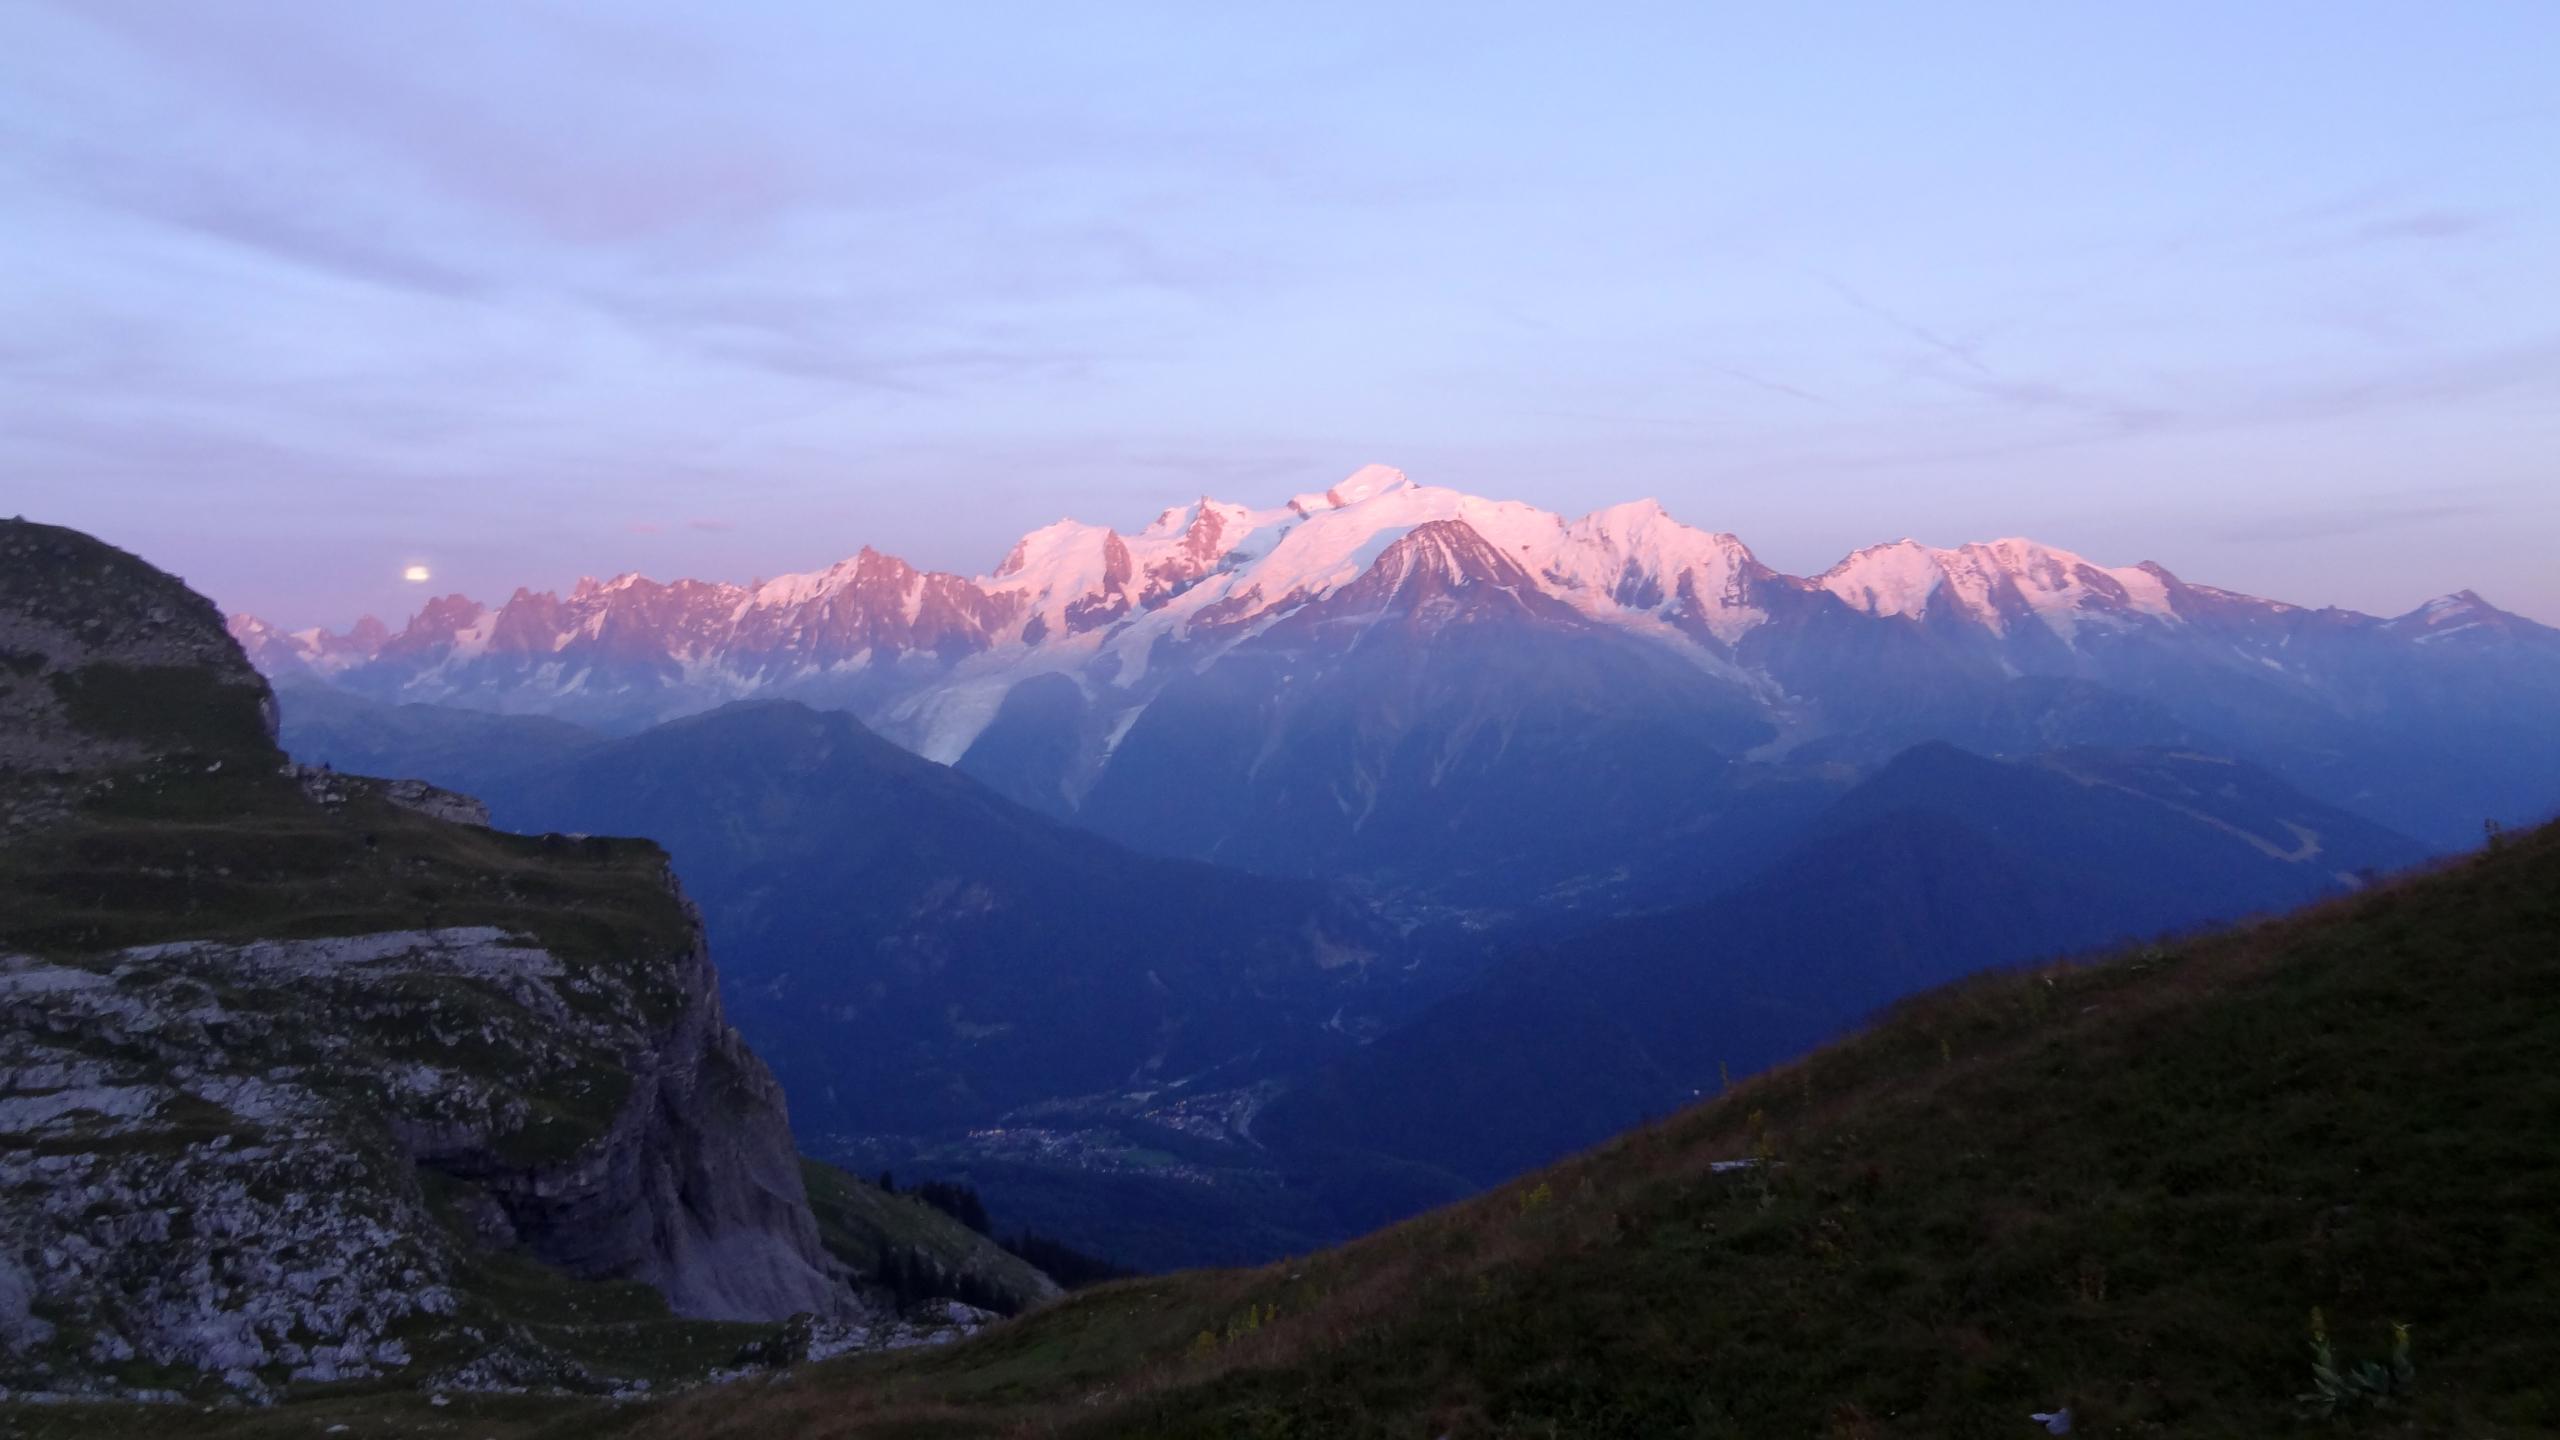 Filele Mont Blanc Sous La Lumière Du Soleil Couchantjpg